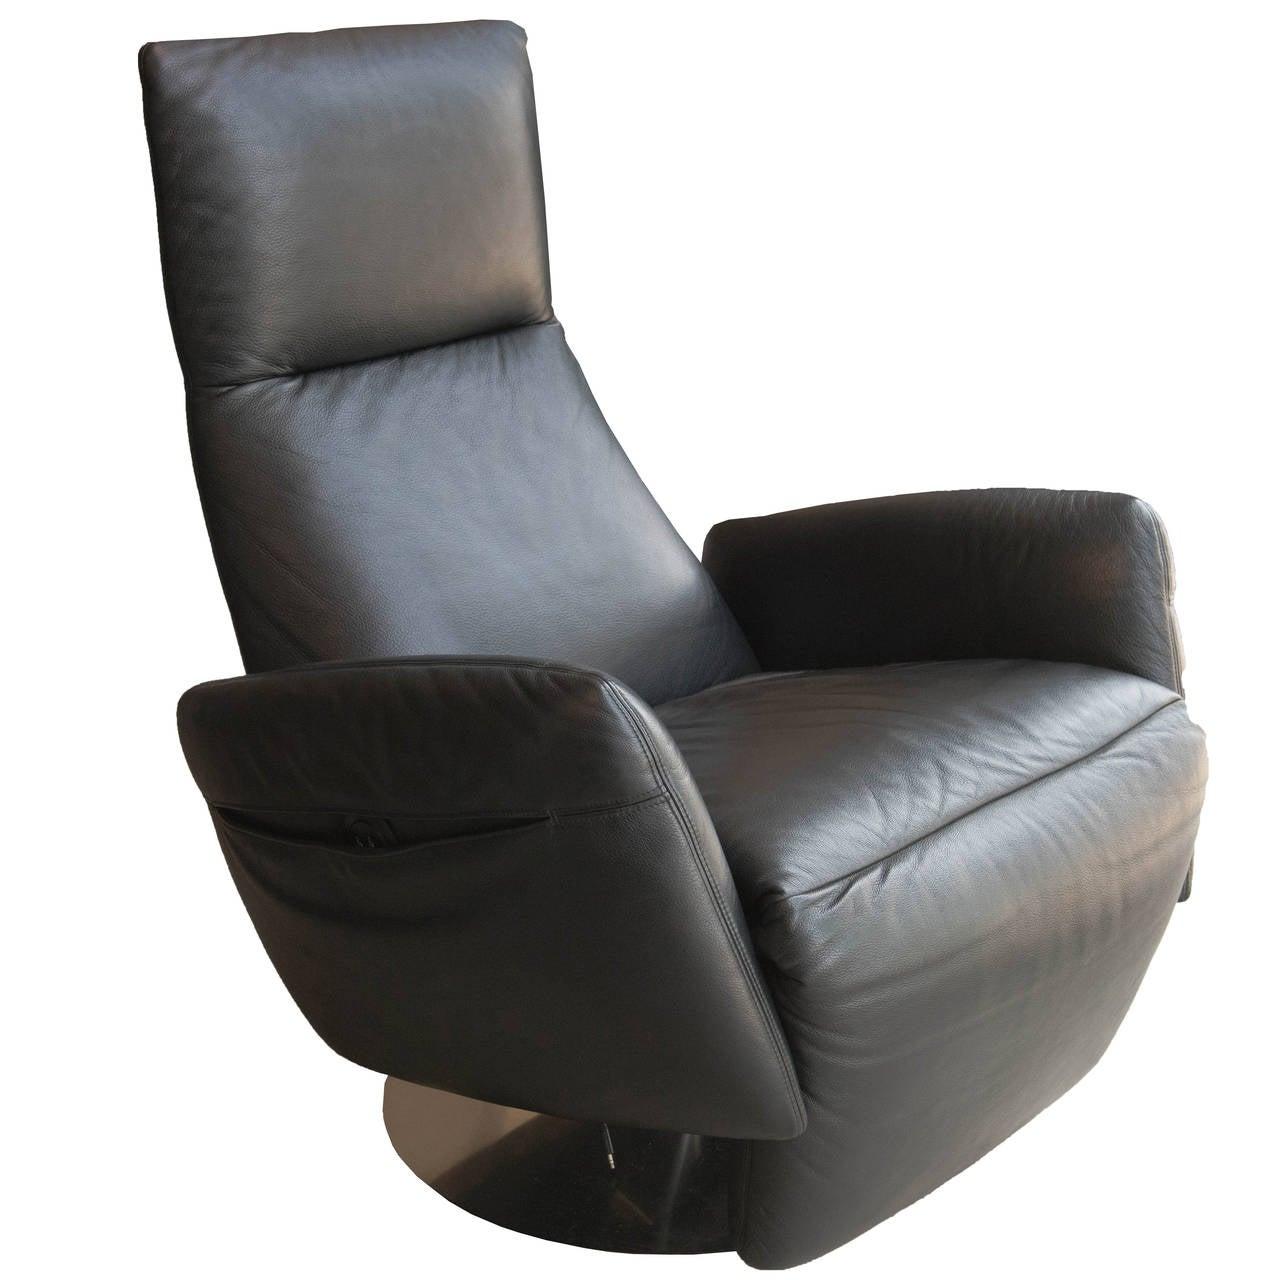 Leather sofa by poltrona frau at 1stdibs - Leather Sofa By Poltrona Frau Poltrona Frau Pillow Reclining Armchair 1